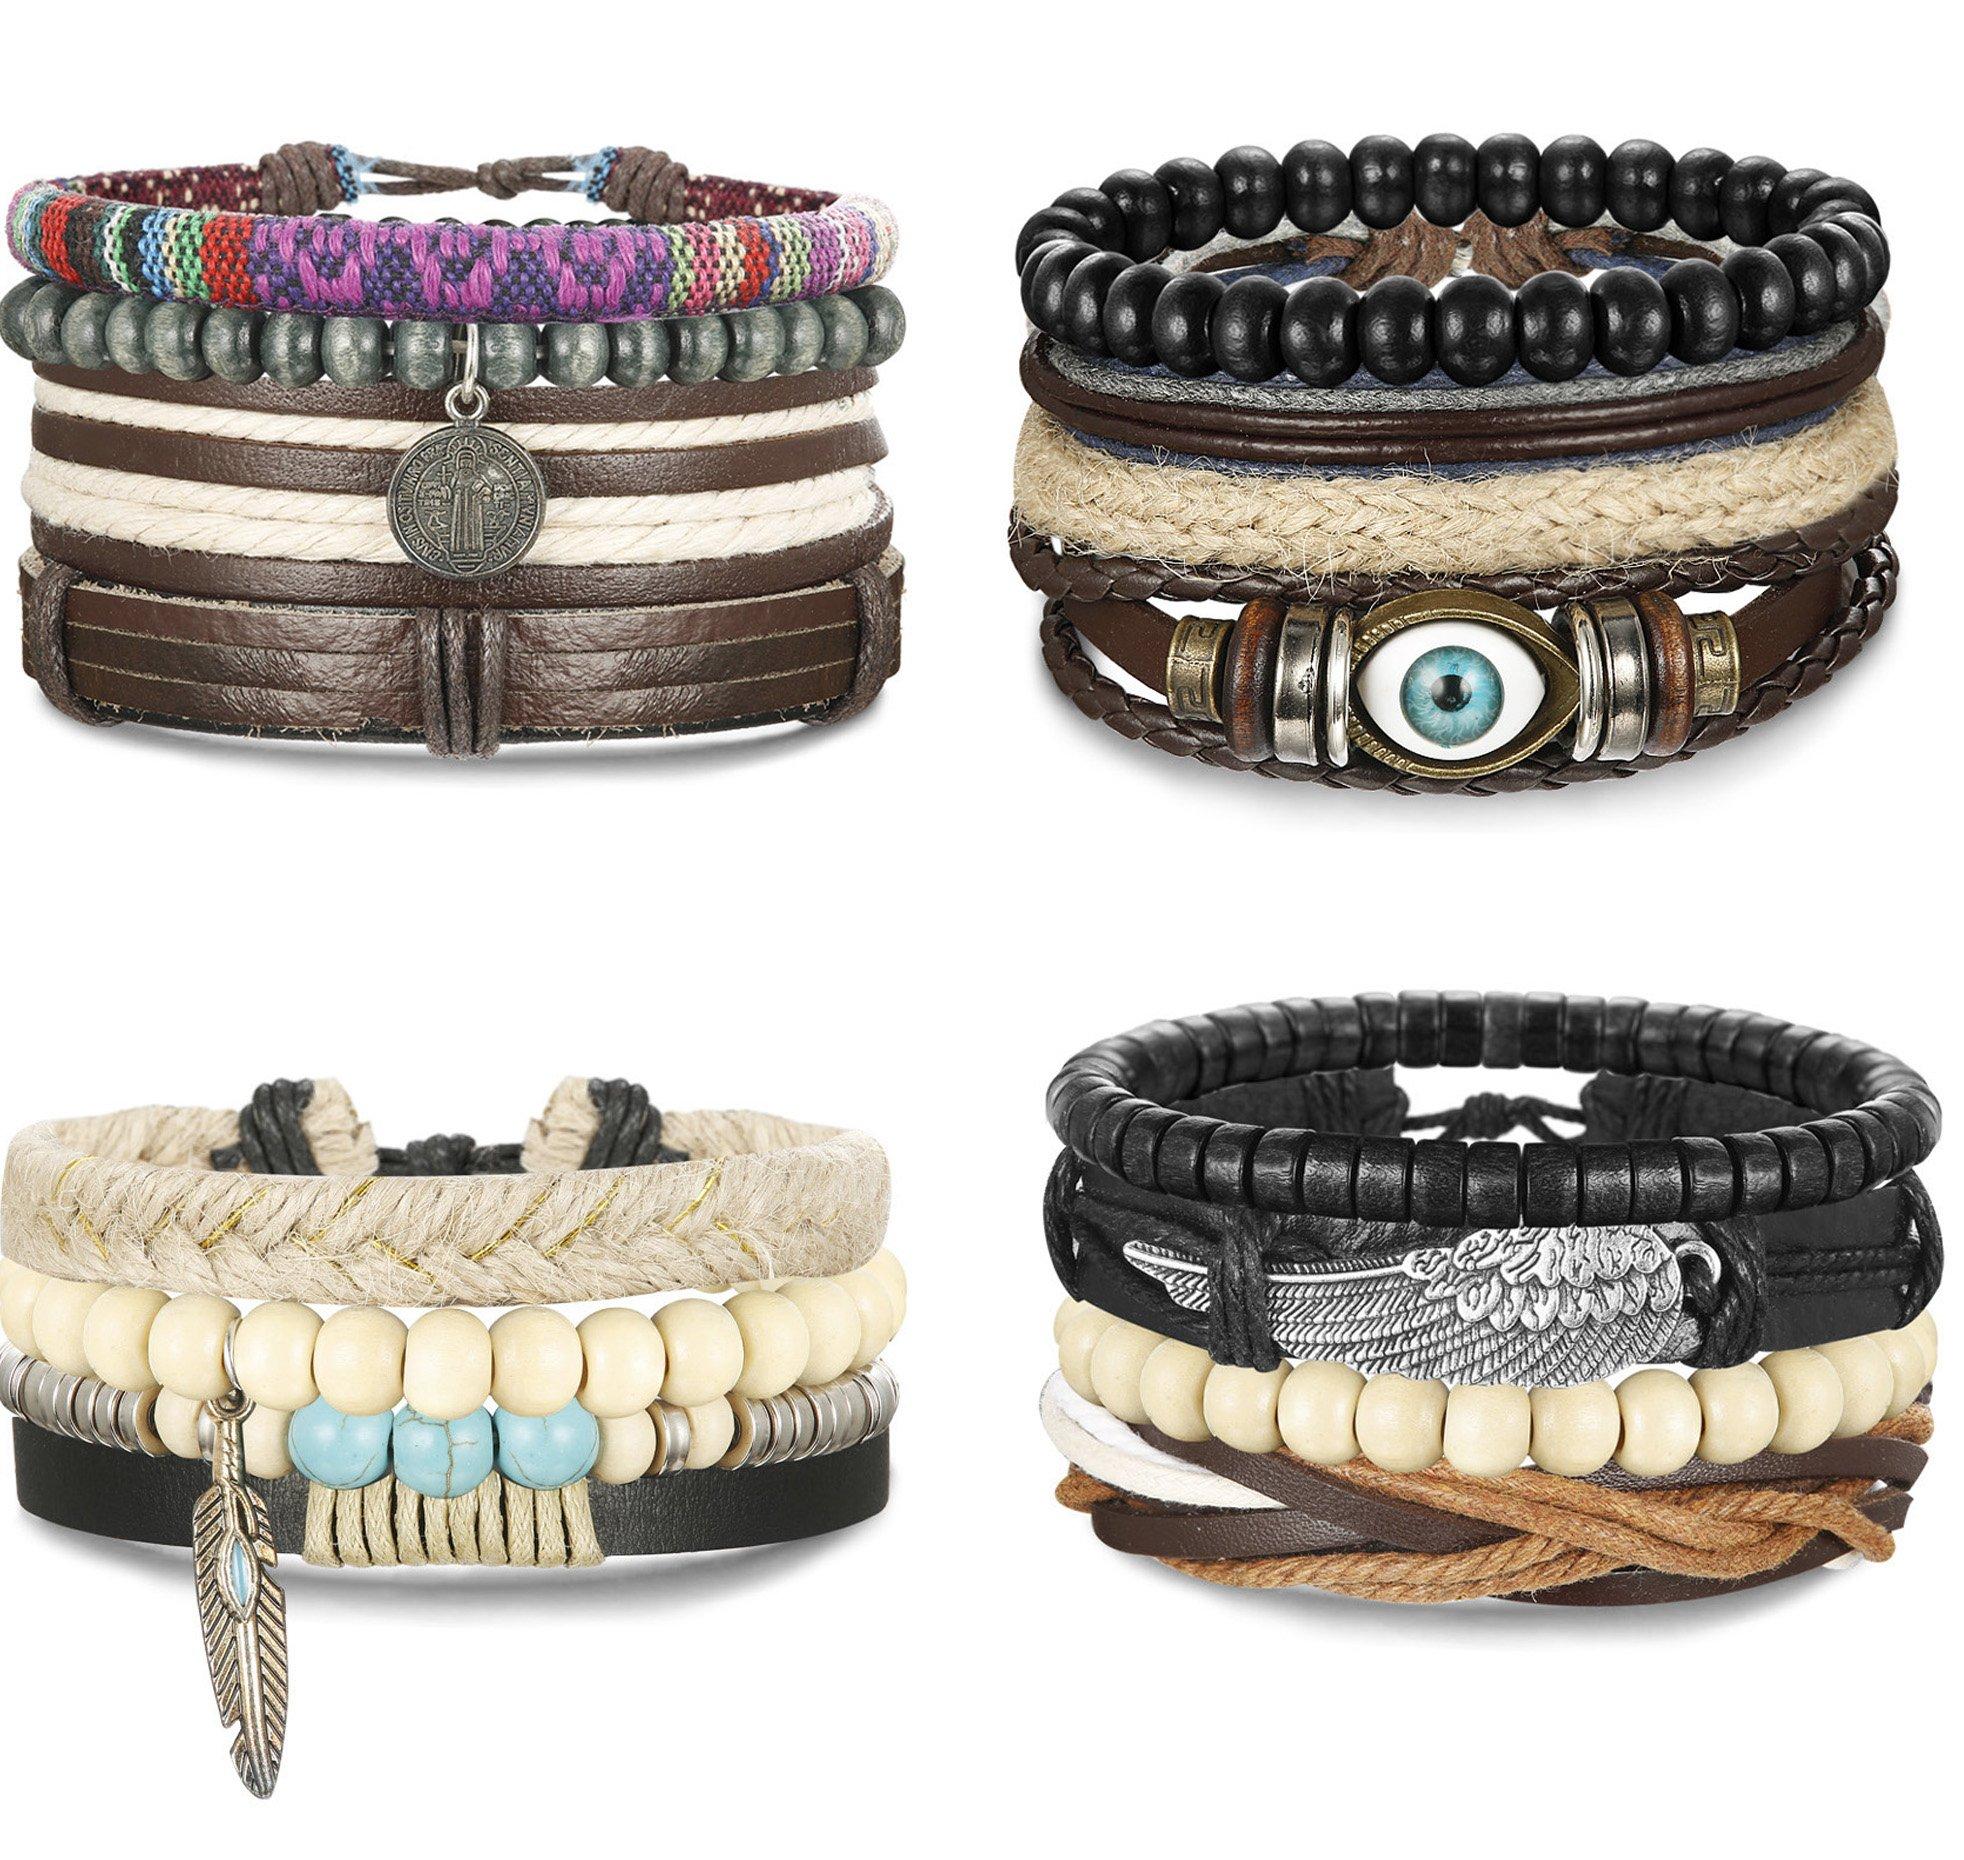 FIBO STEEL 15-16 Pcs Braided Leather Bracelets for Men Women Woven Cuff Bracelet Adjustable,YJ